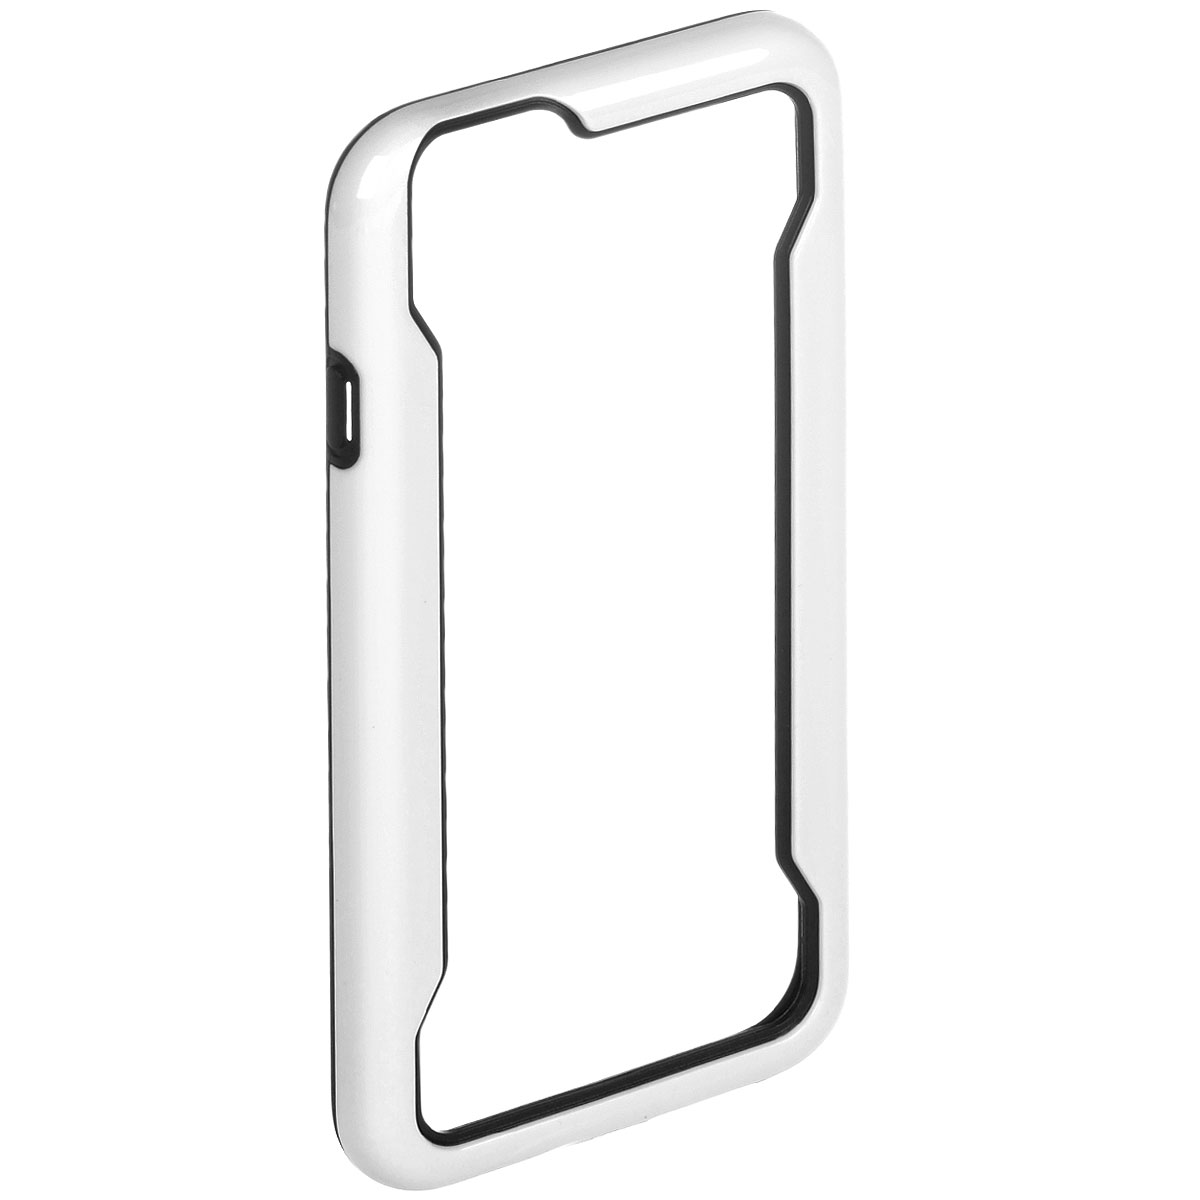 Liberty Project чехол-накладка для iPhone 6, White BlackR0007954Защитная крышка Liberty Project служит защиты корпуса вашего смартфона от внешнего воздействия (пыль, влага, царапины). Модель доступна в различных цветах.